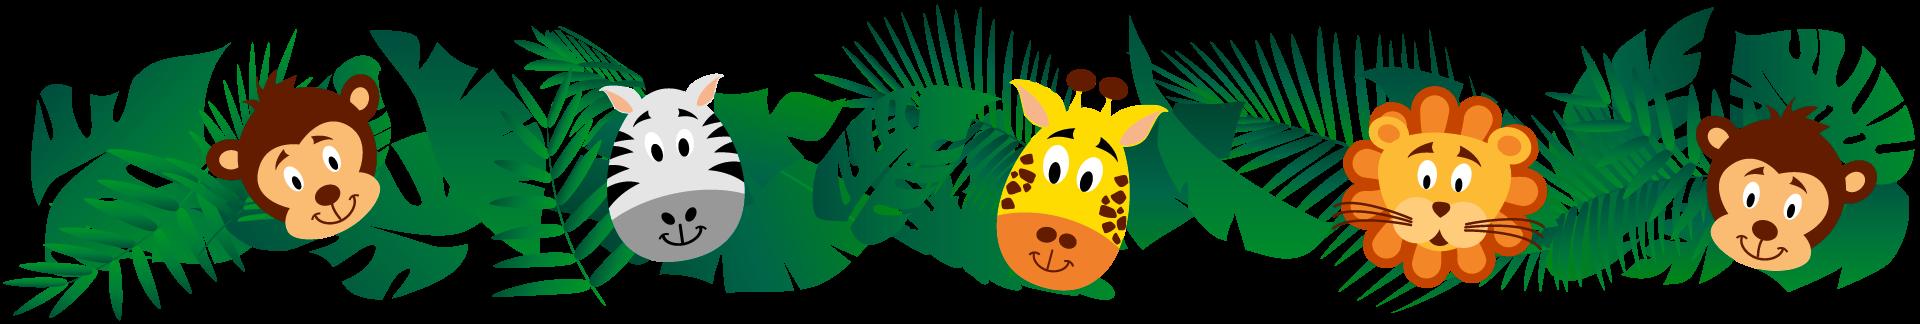 Pflanzen und Blätter. Tierköpfe, Affe, Löwe, Giraffe, Zebra